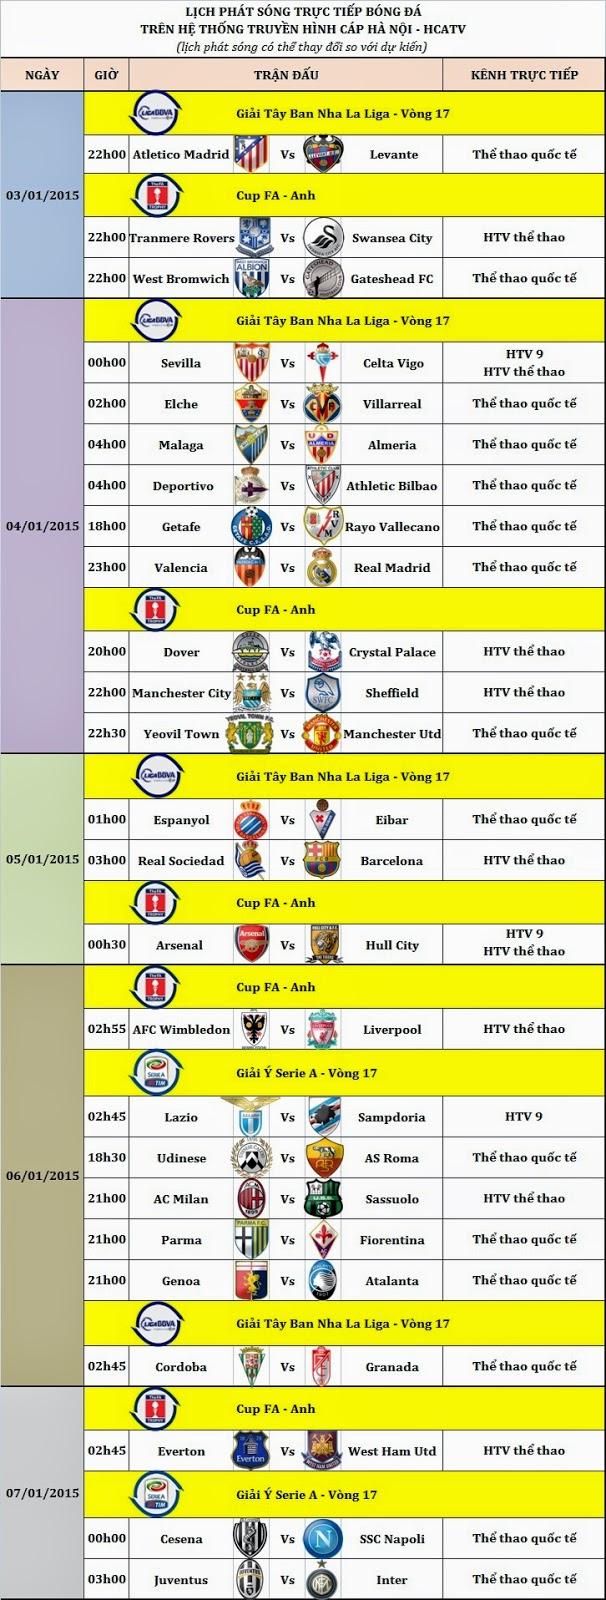 Lịch bóng đá cuối tuần trên HCATV